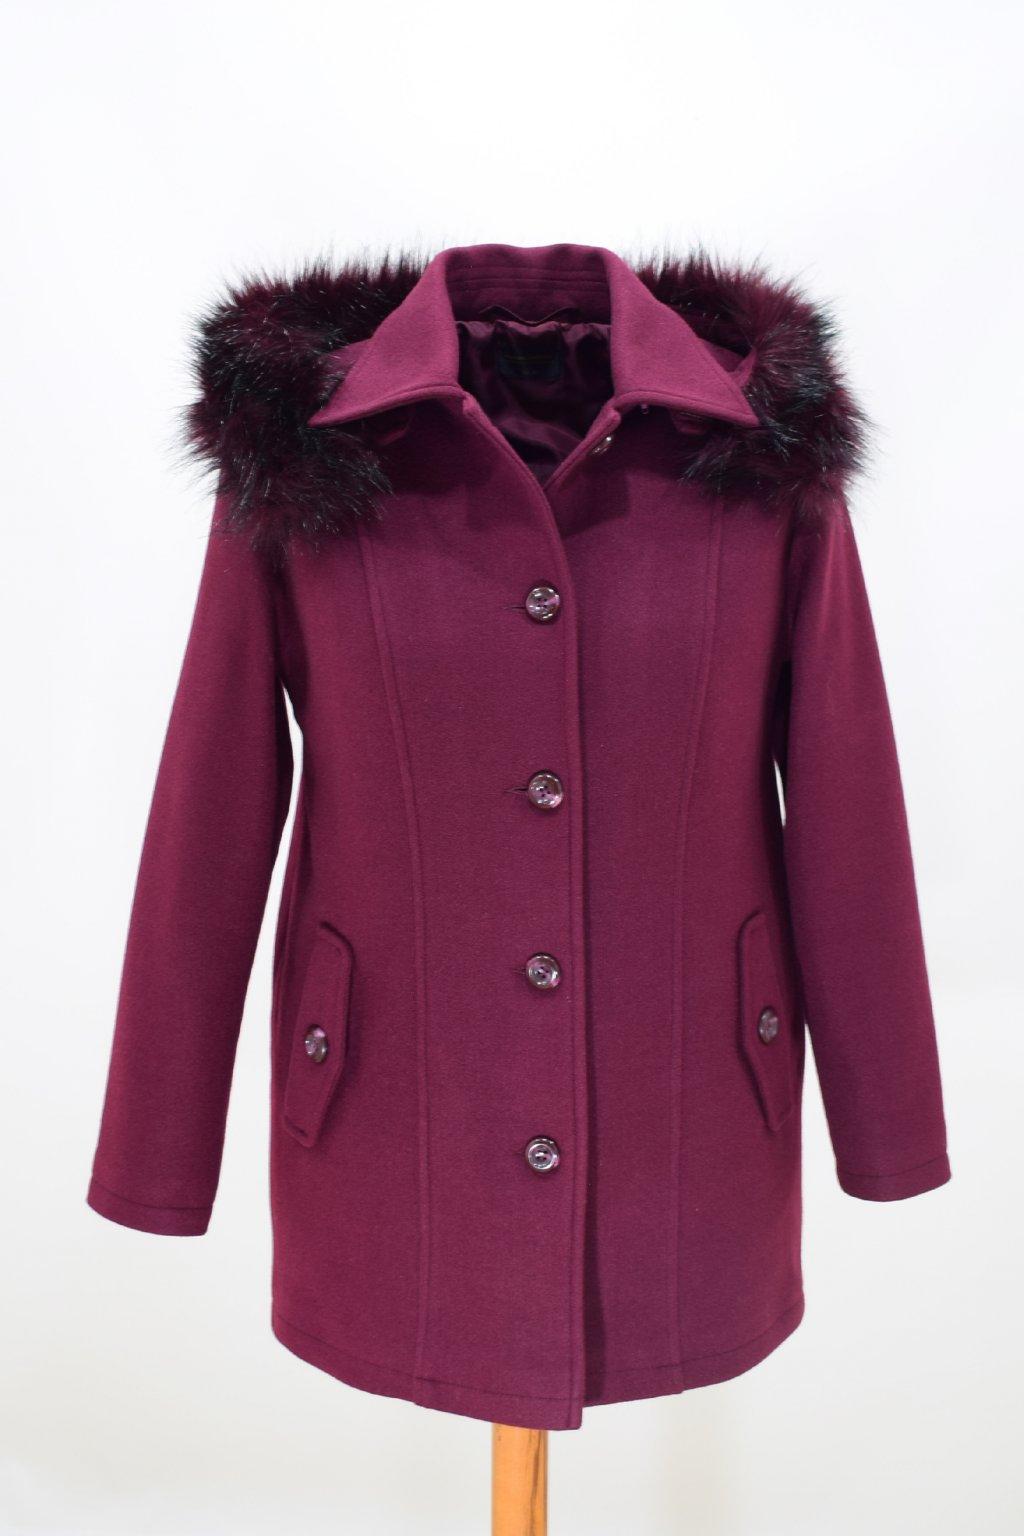 Dámský vínový zimní kabát Alice nadměrné velikosti.